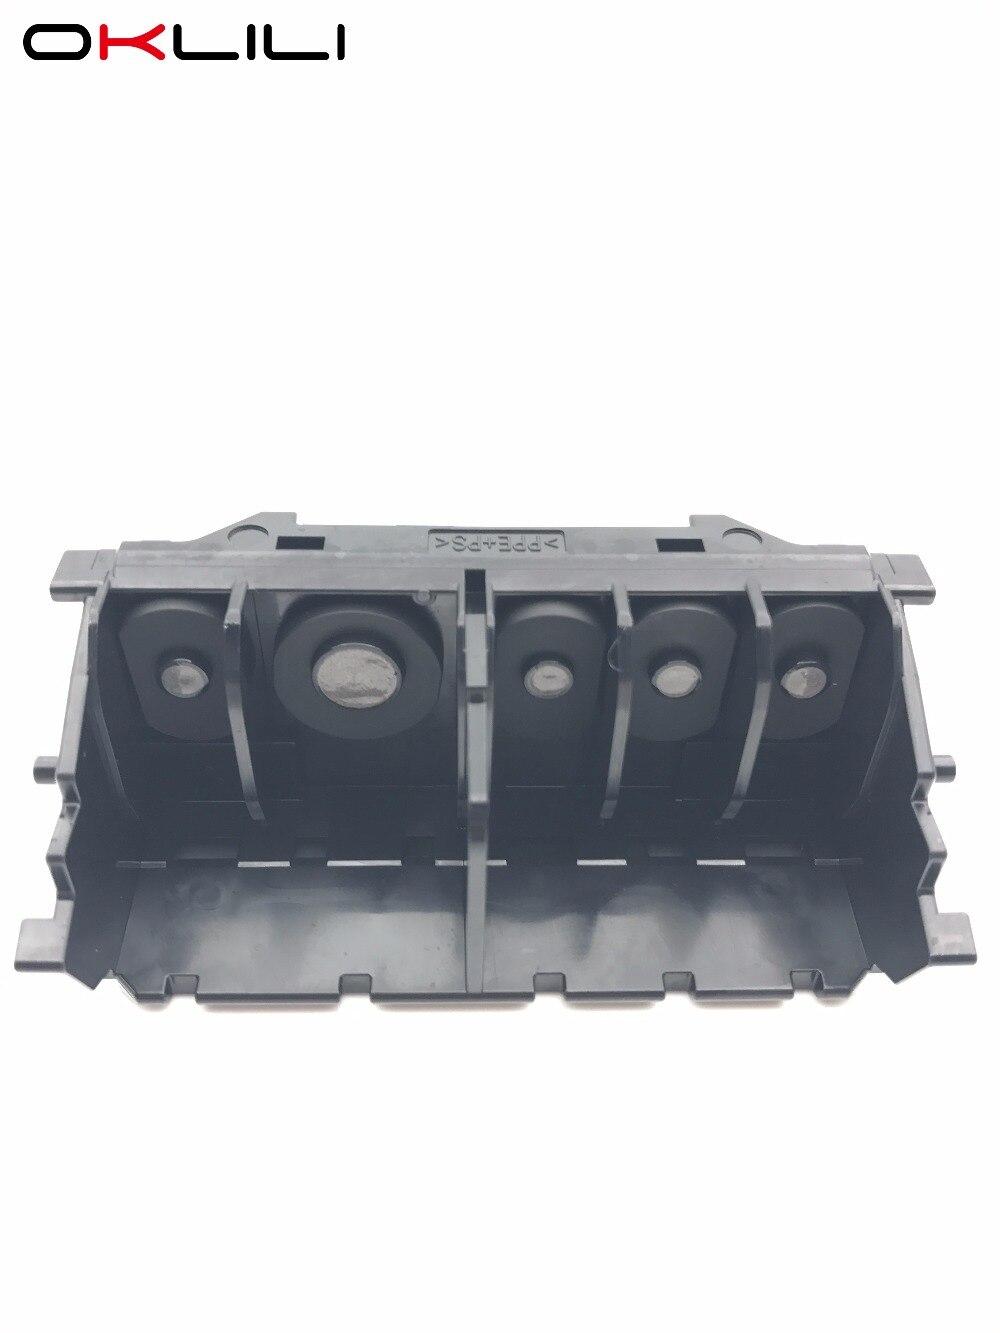 Печатающая головка QY6-0082 для Canon iP7200 iP7210 iP7220 iP7240 iP7250 MG5410 MG5420 MG5440 MG5450 MG5460 MG5470 MG5500